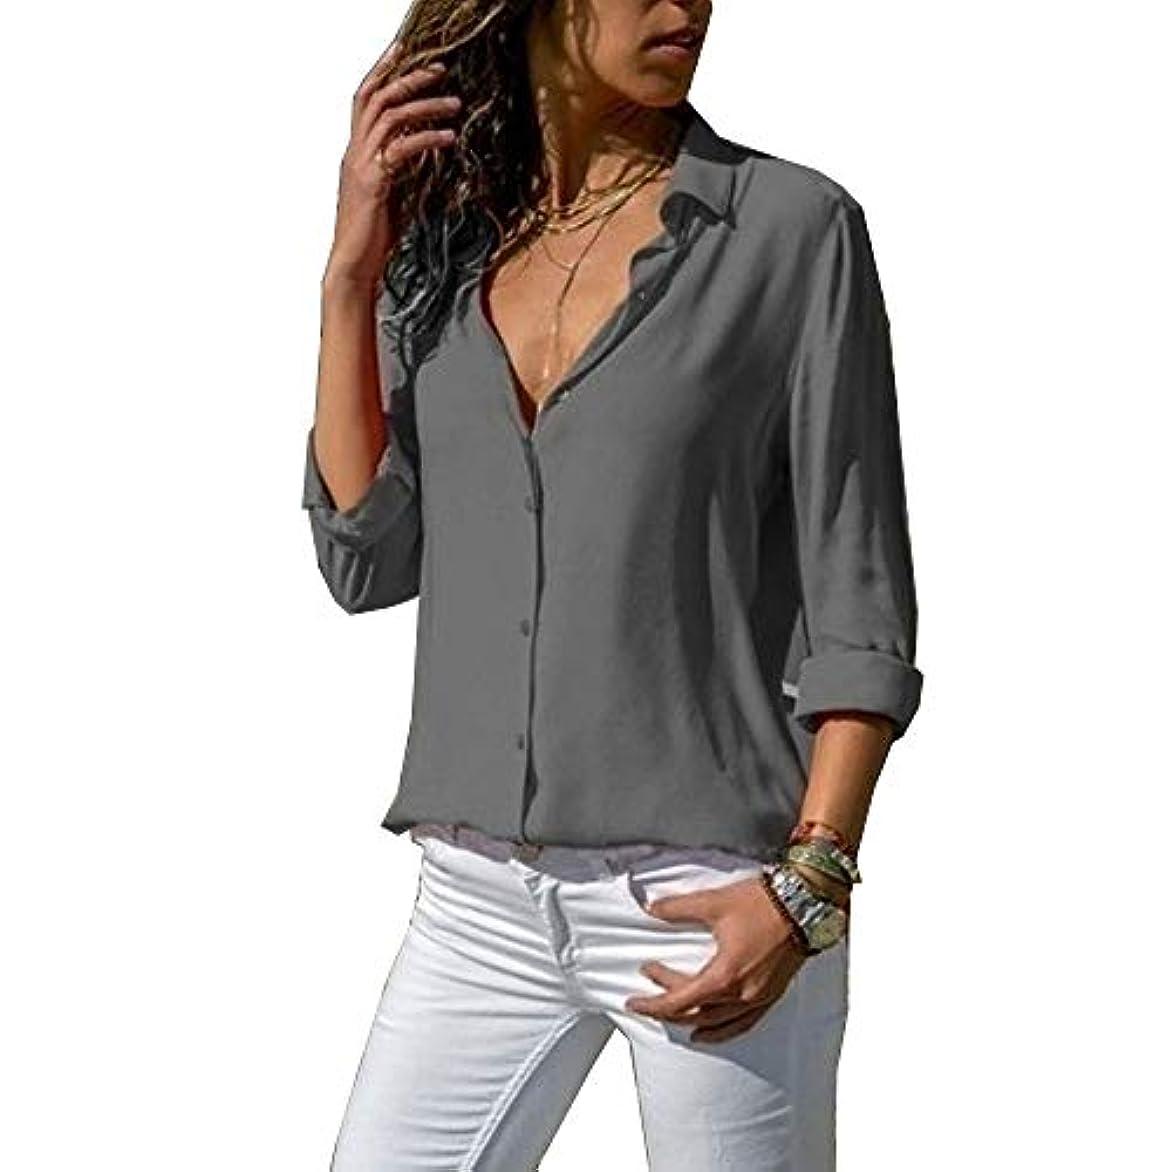 粒子分散残忍なMIFAN ルーズシャツ、トップス&Tシャツ、プラスサイズ、トップス&ブラウス、シフォンブラウス、女性トップス、シフォンシャツ